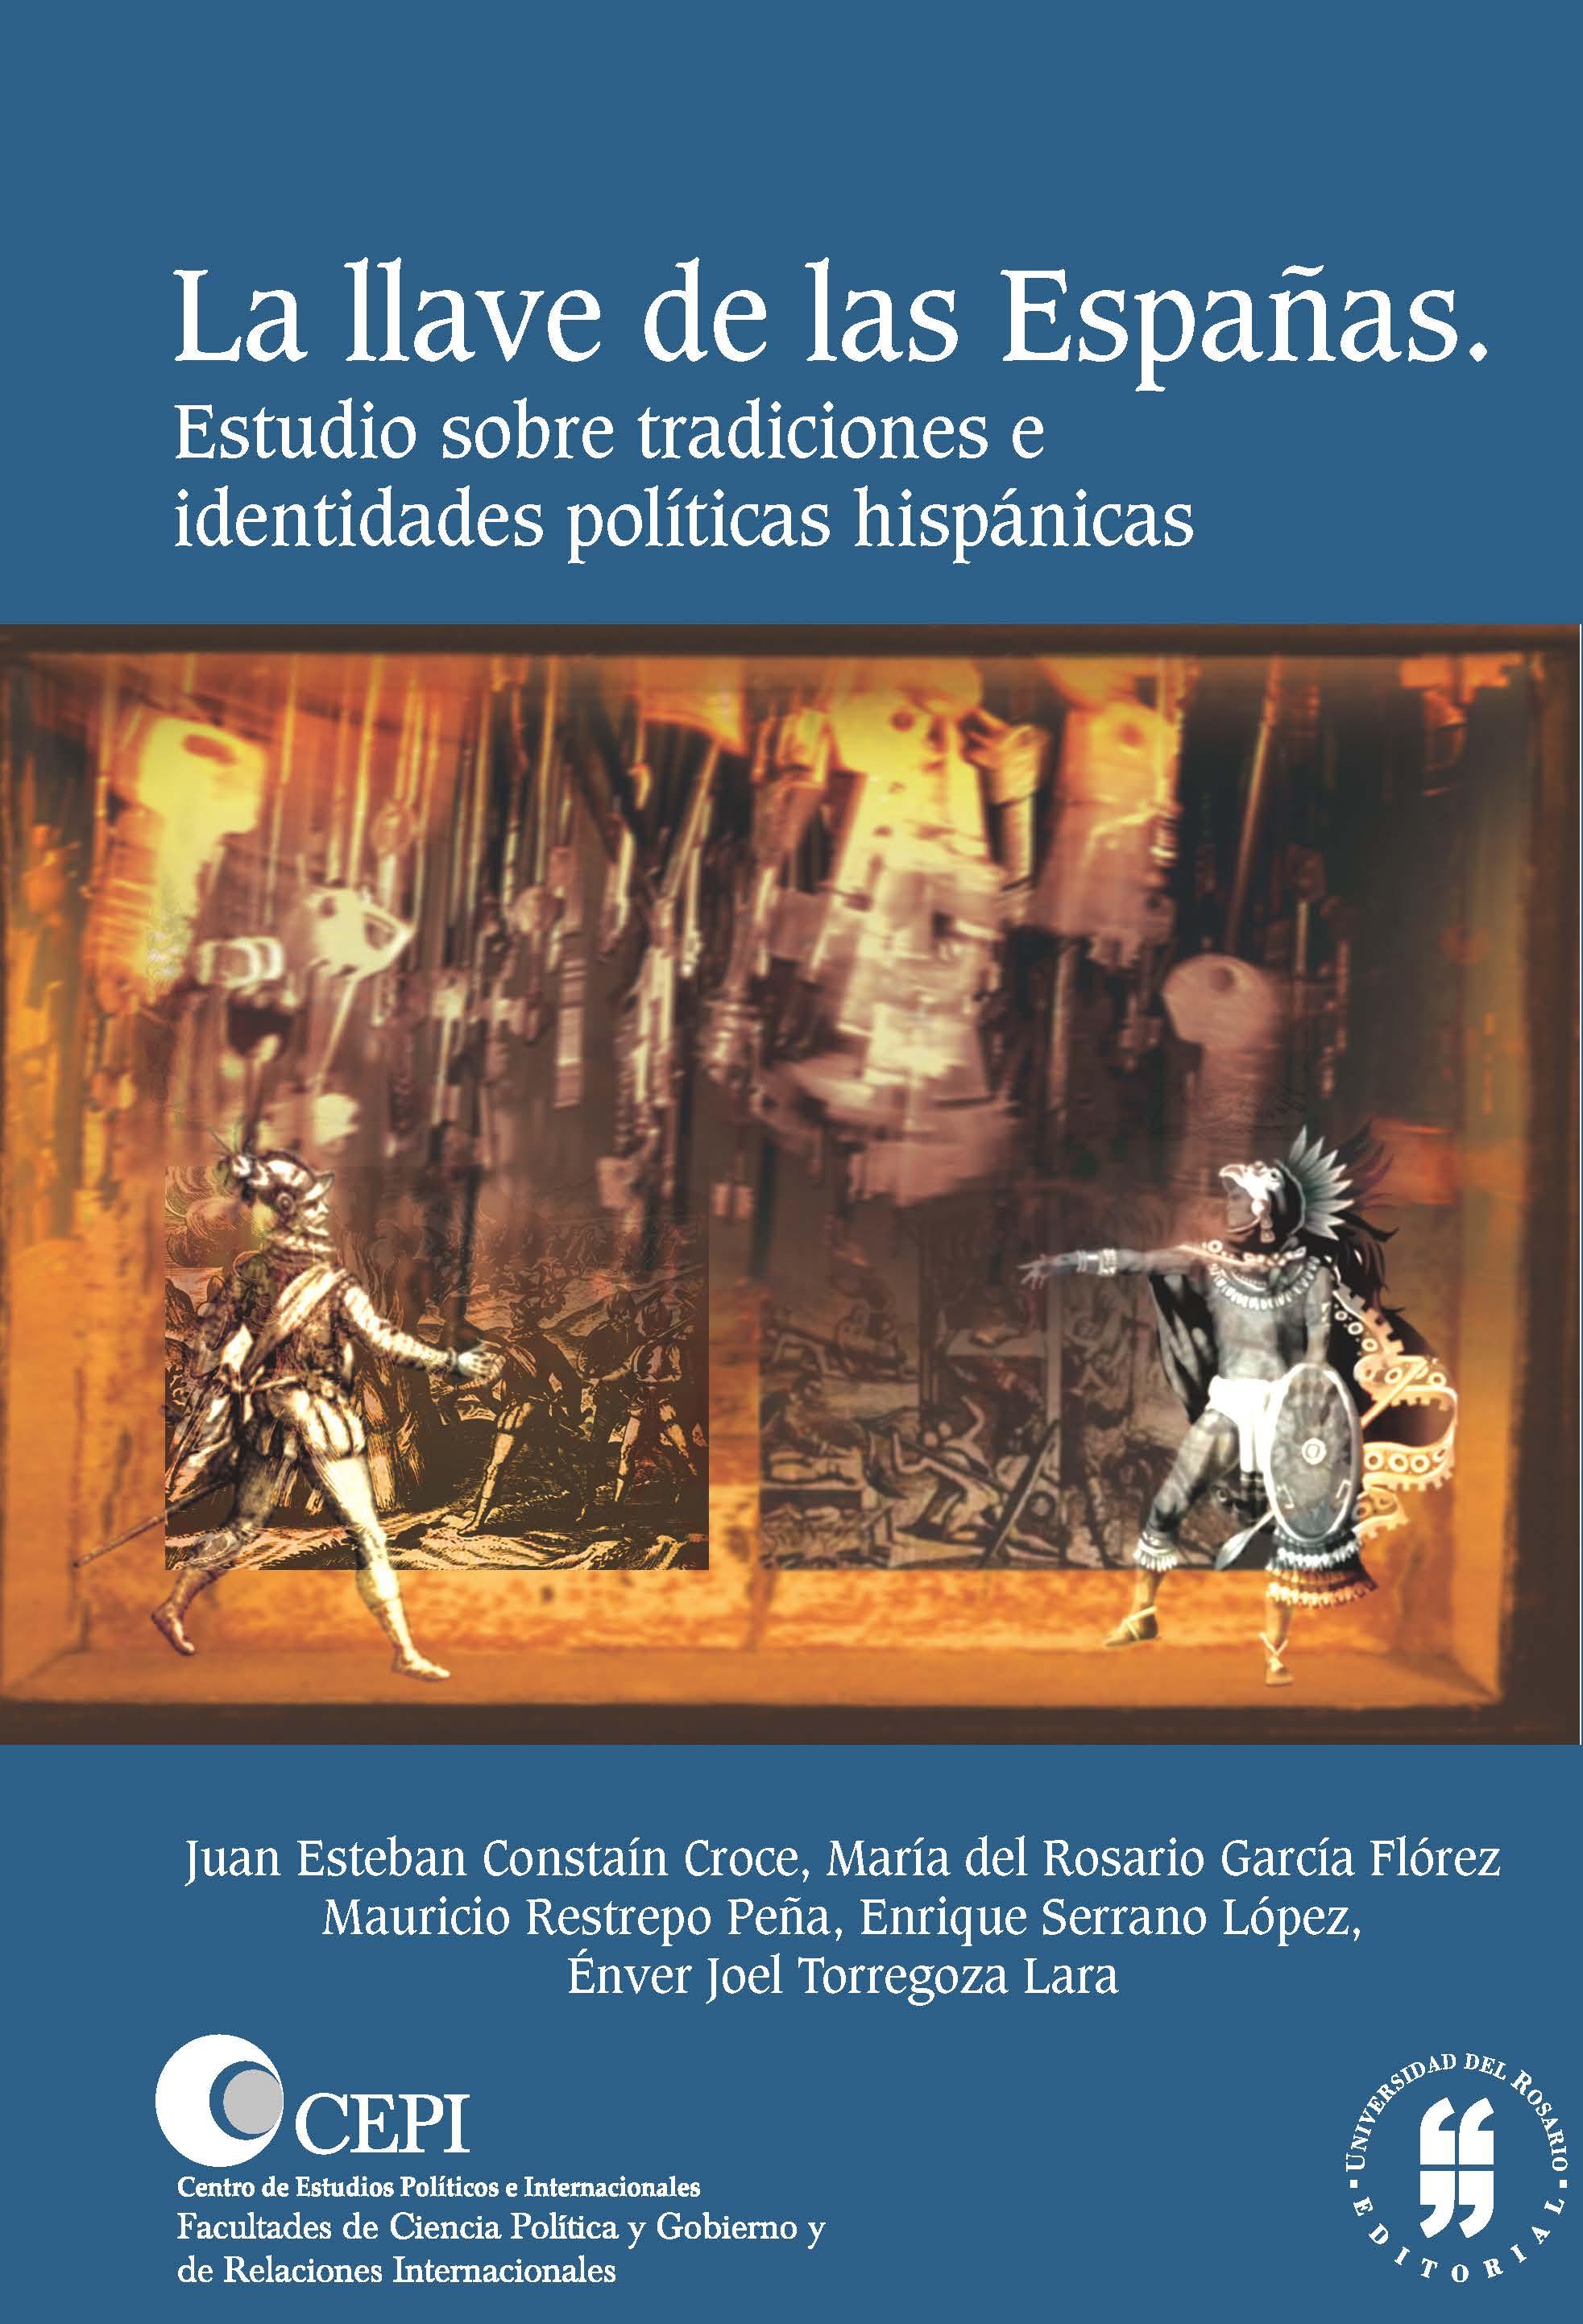 La llave de las Españas. Estudio sobre tradiciones e identidades políticas hispánicas